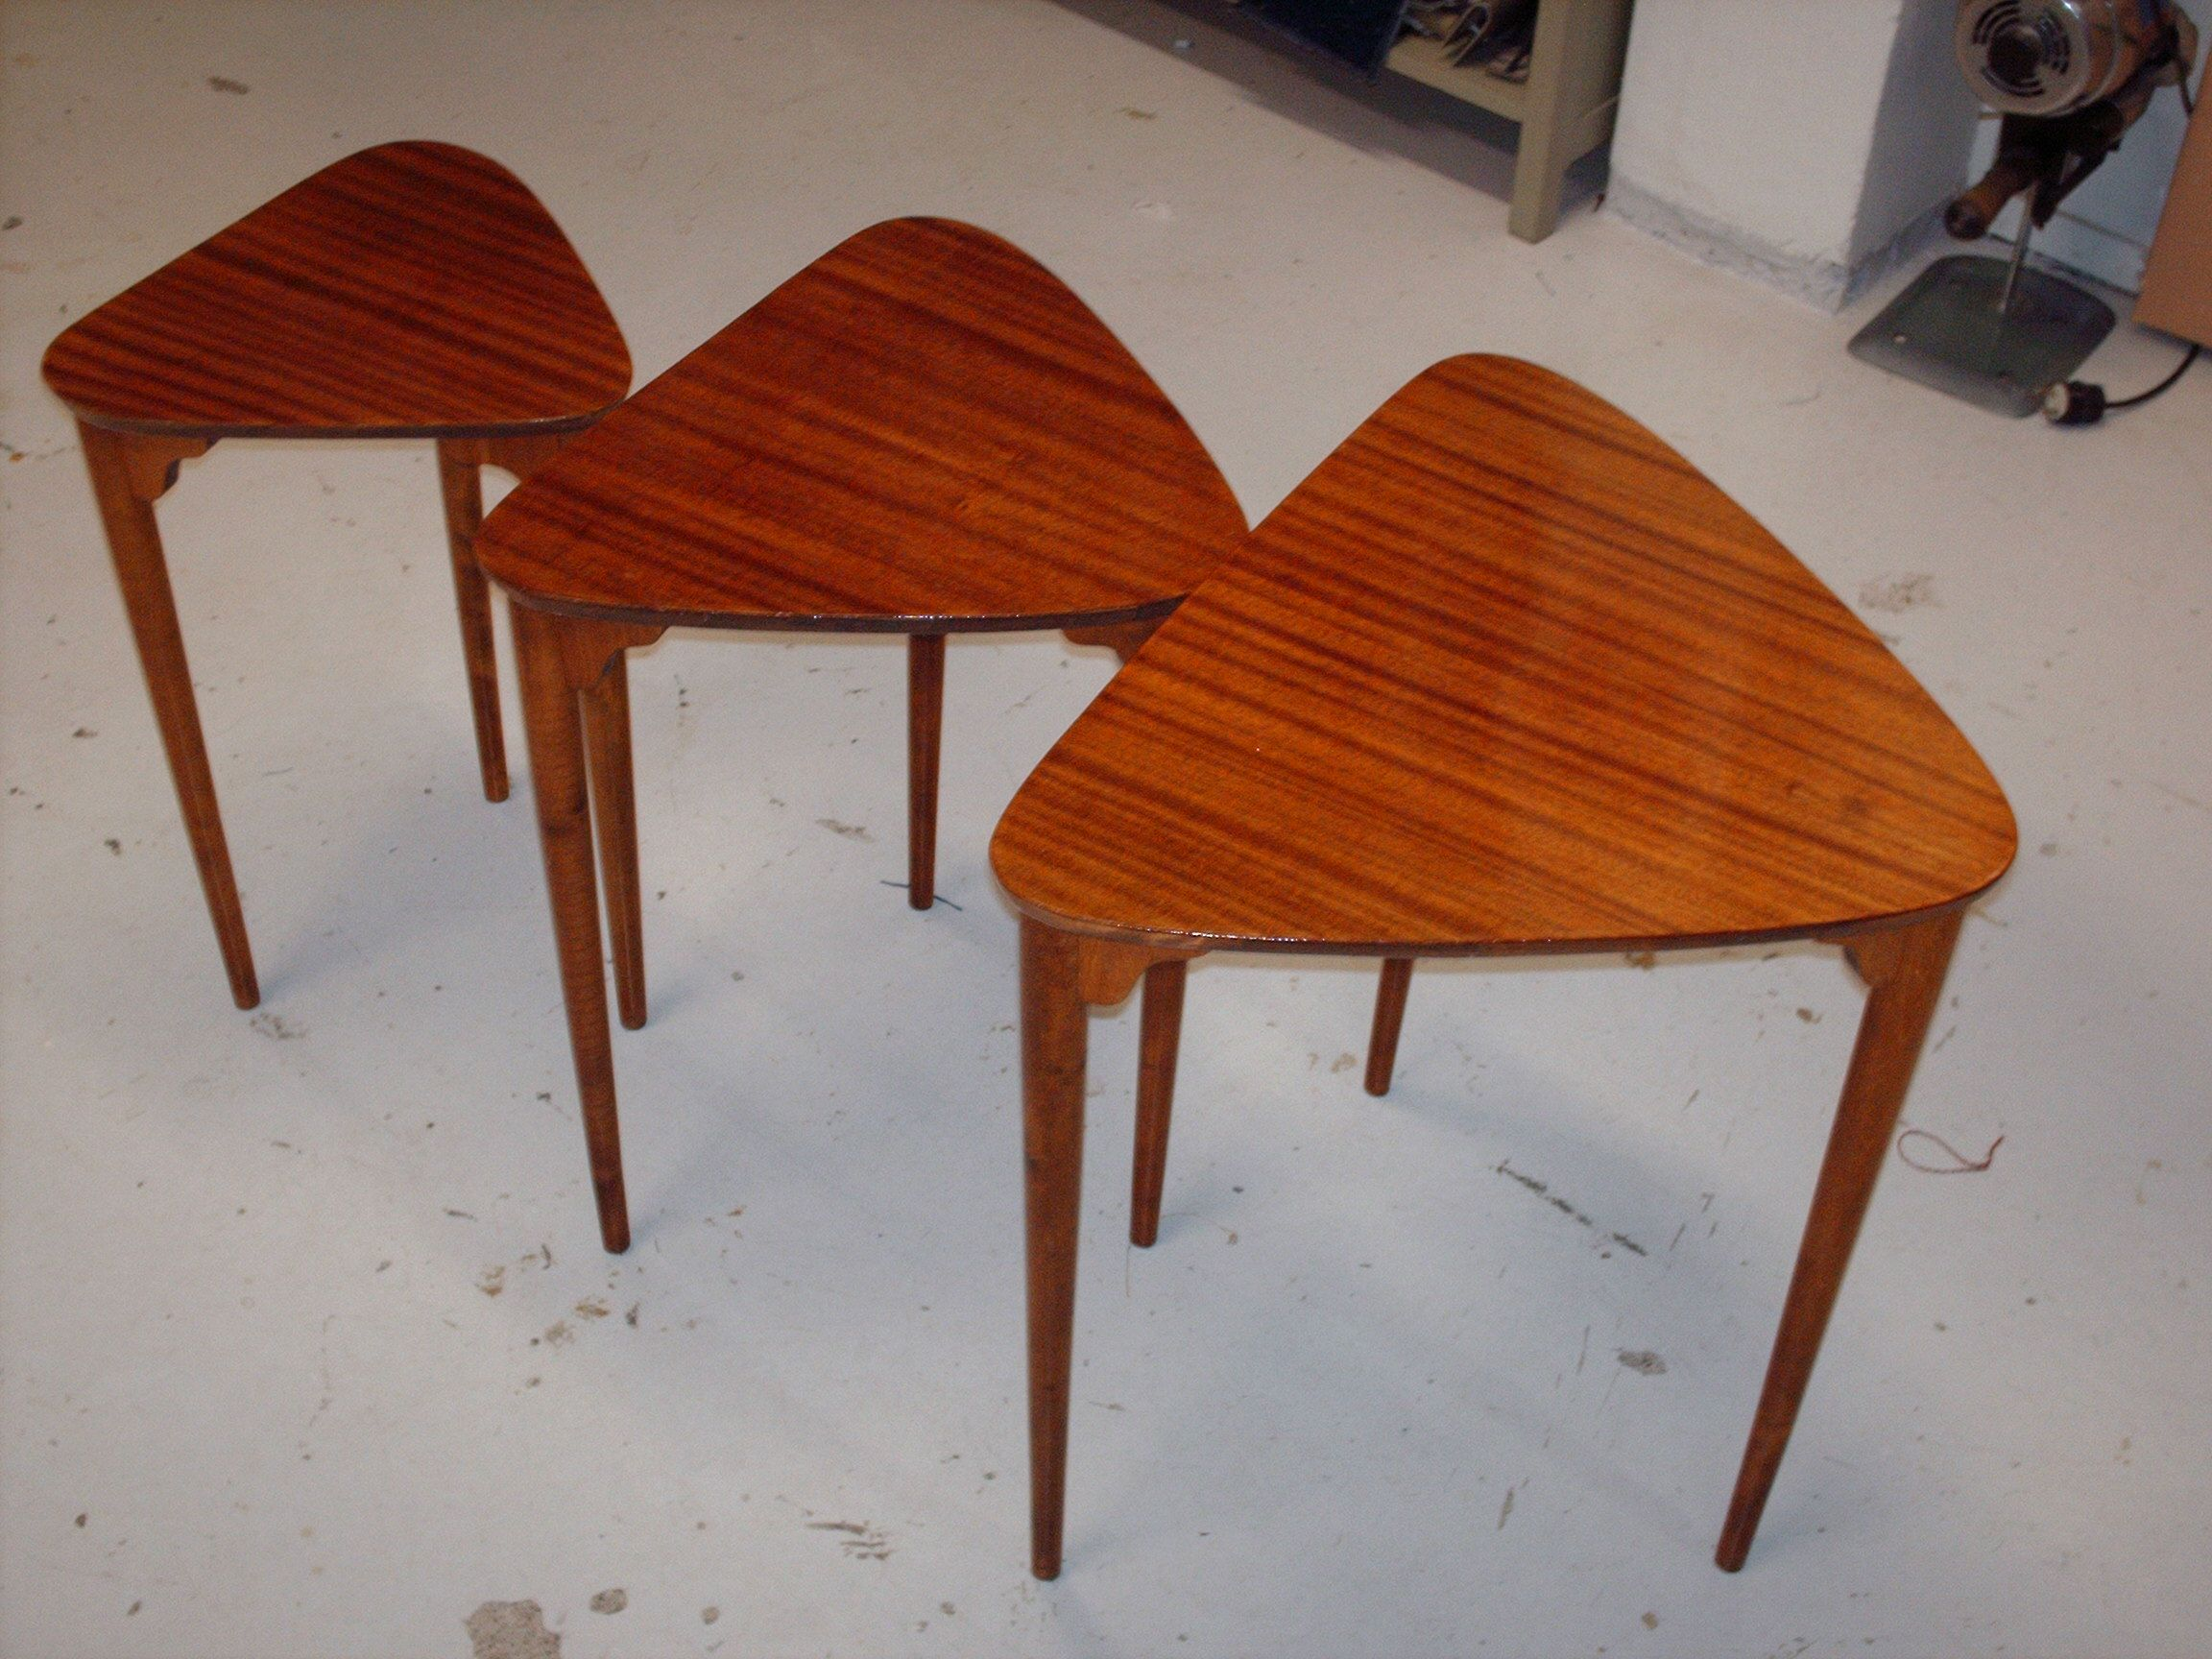 50-luvun sarjapöytä uudelleen lakattu